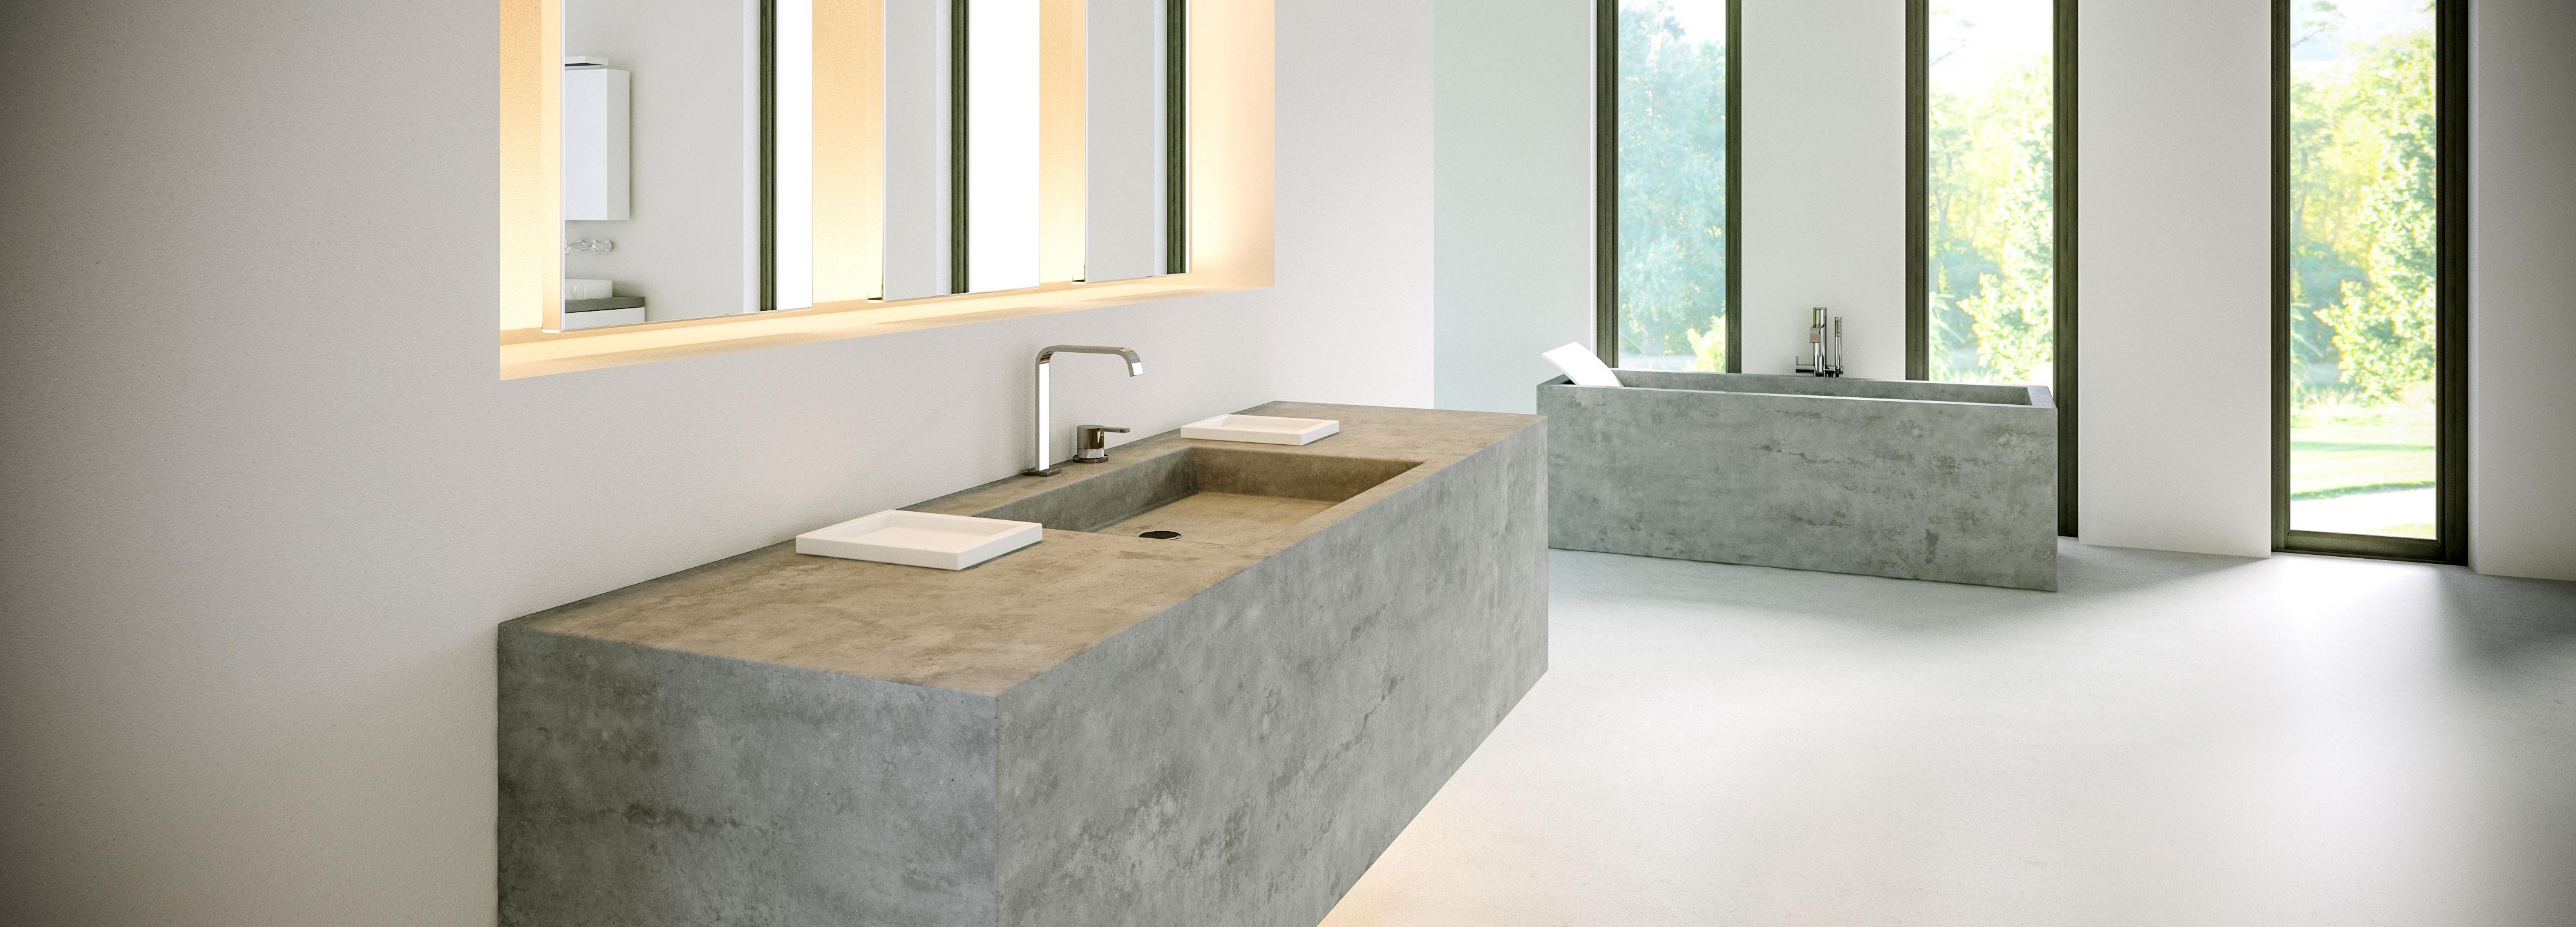 Concrete Bathroom Sinks | Polishing Concrete | Polished Concrete Floors